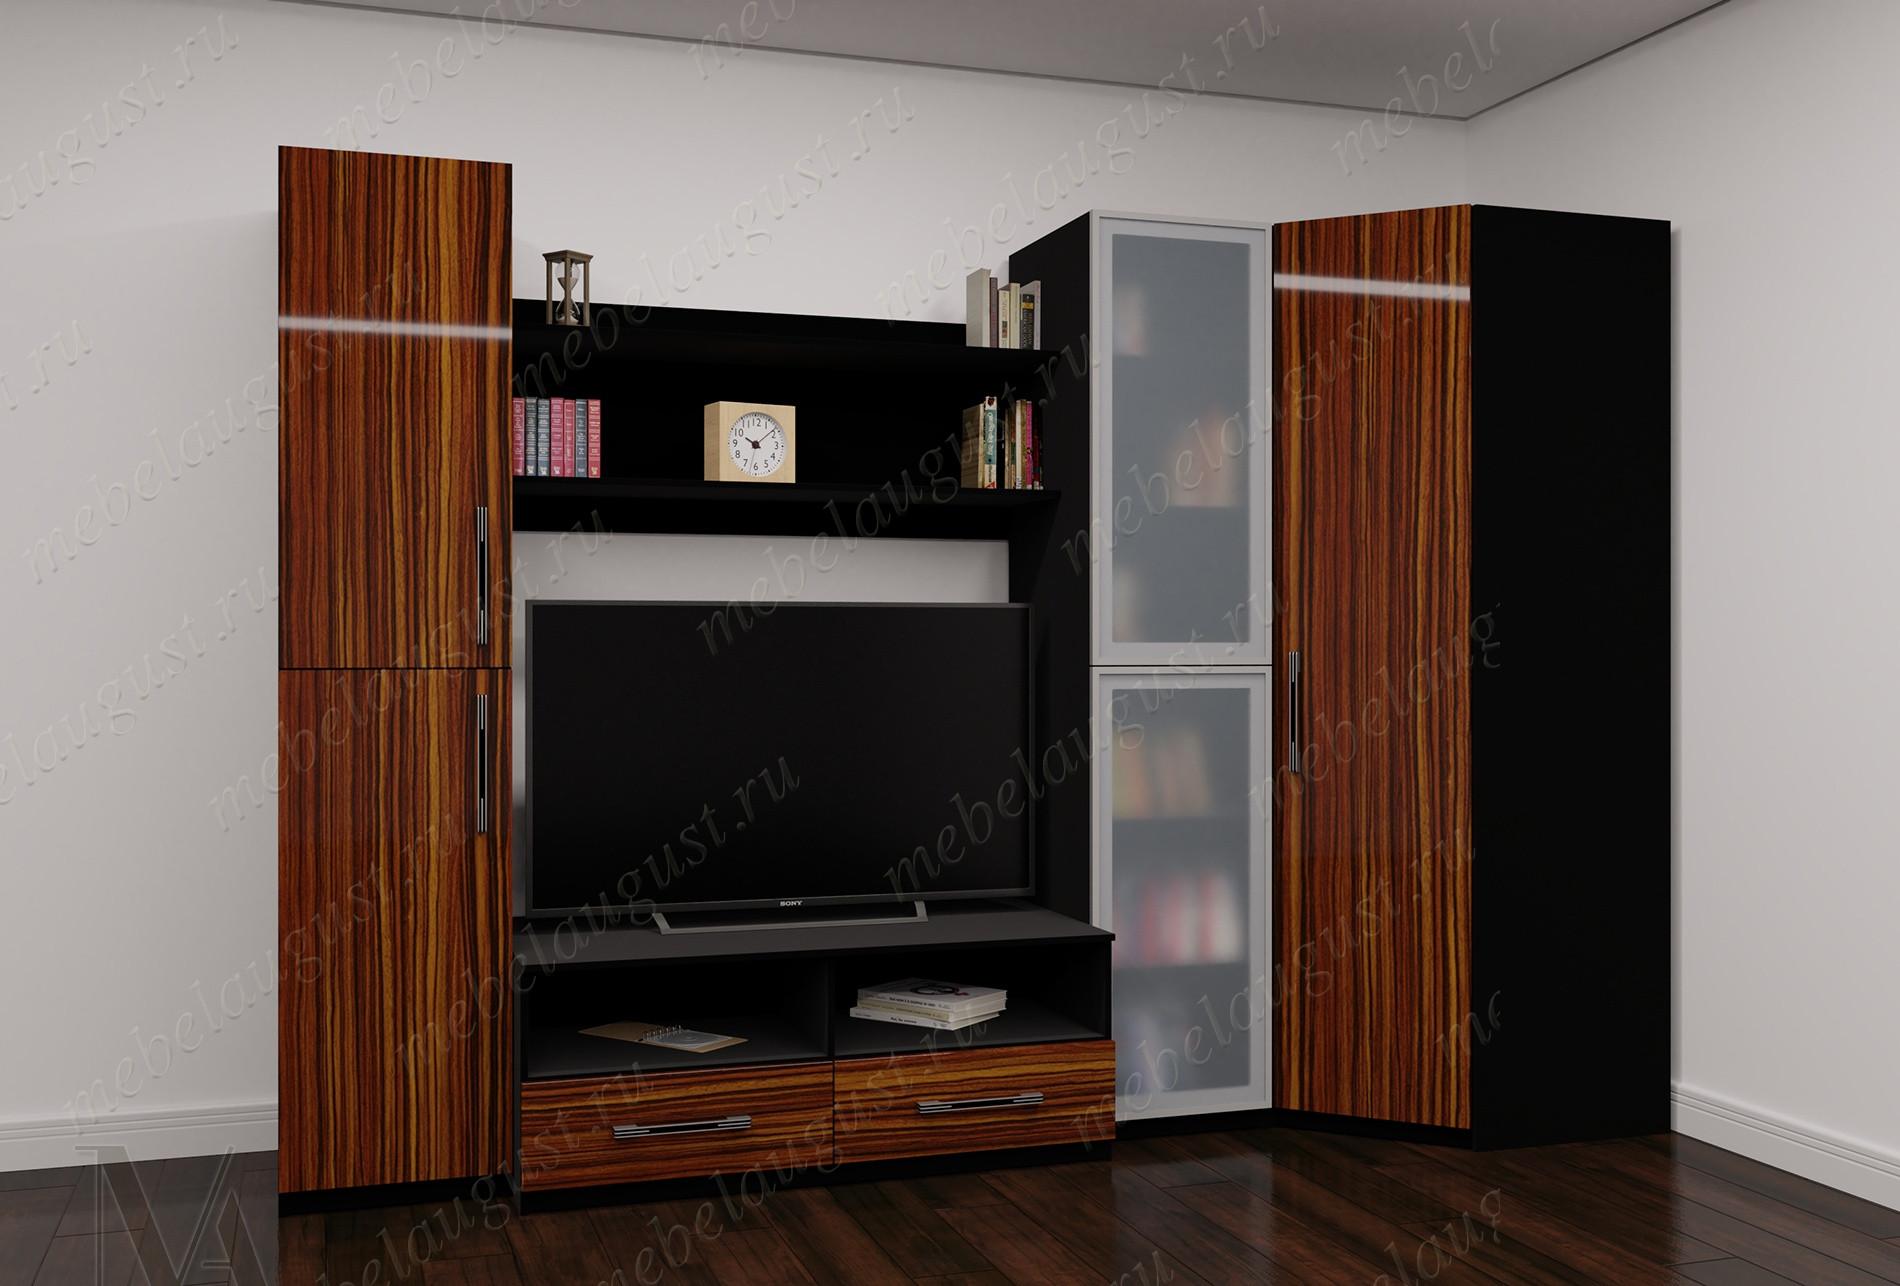 Мебельная стенка с полкой для телевизора